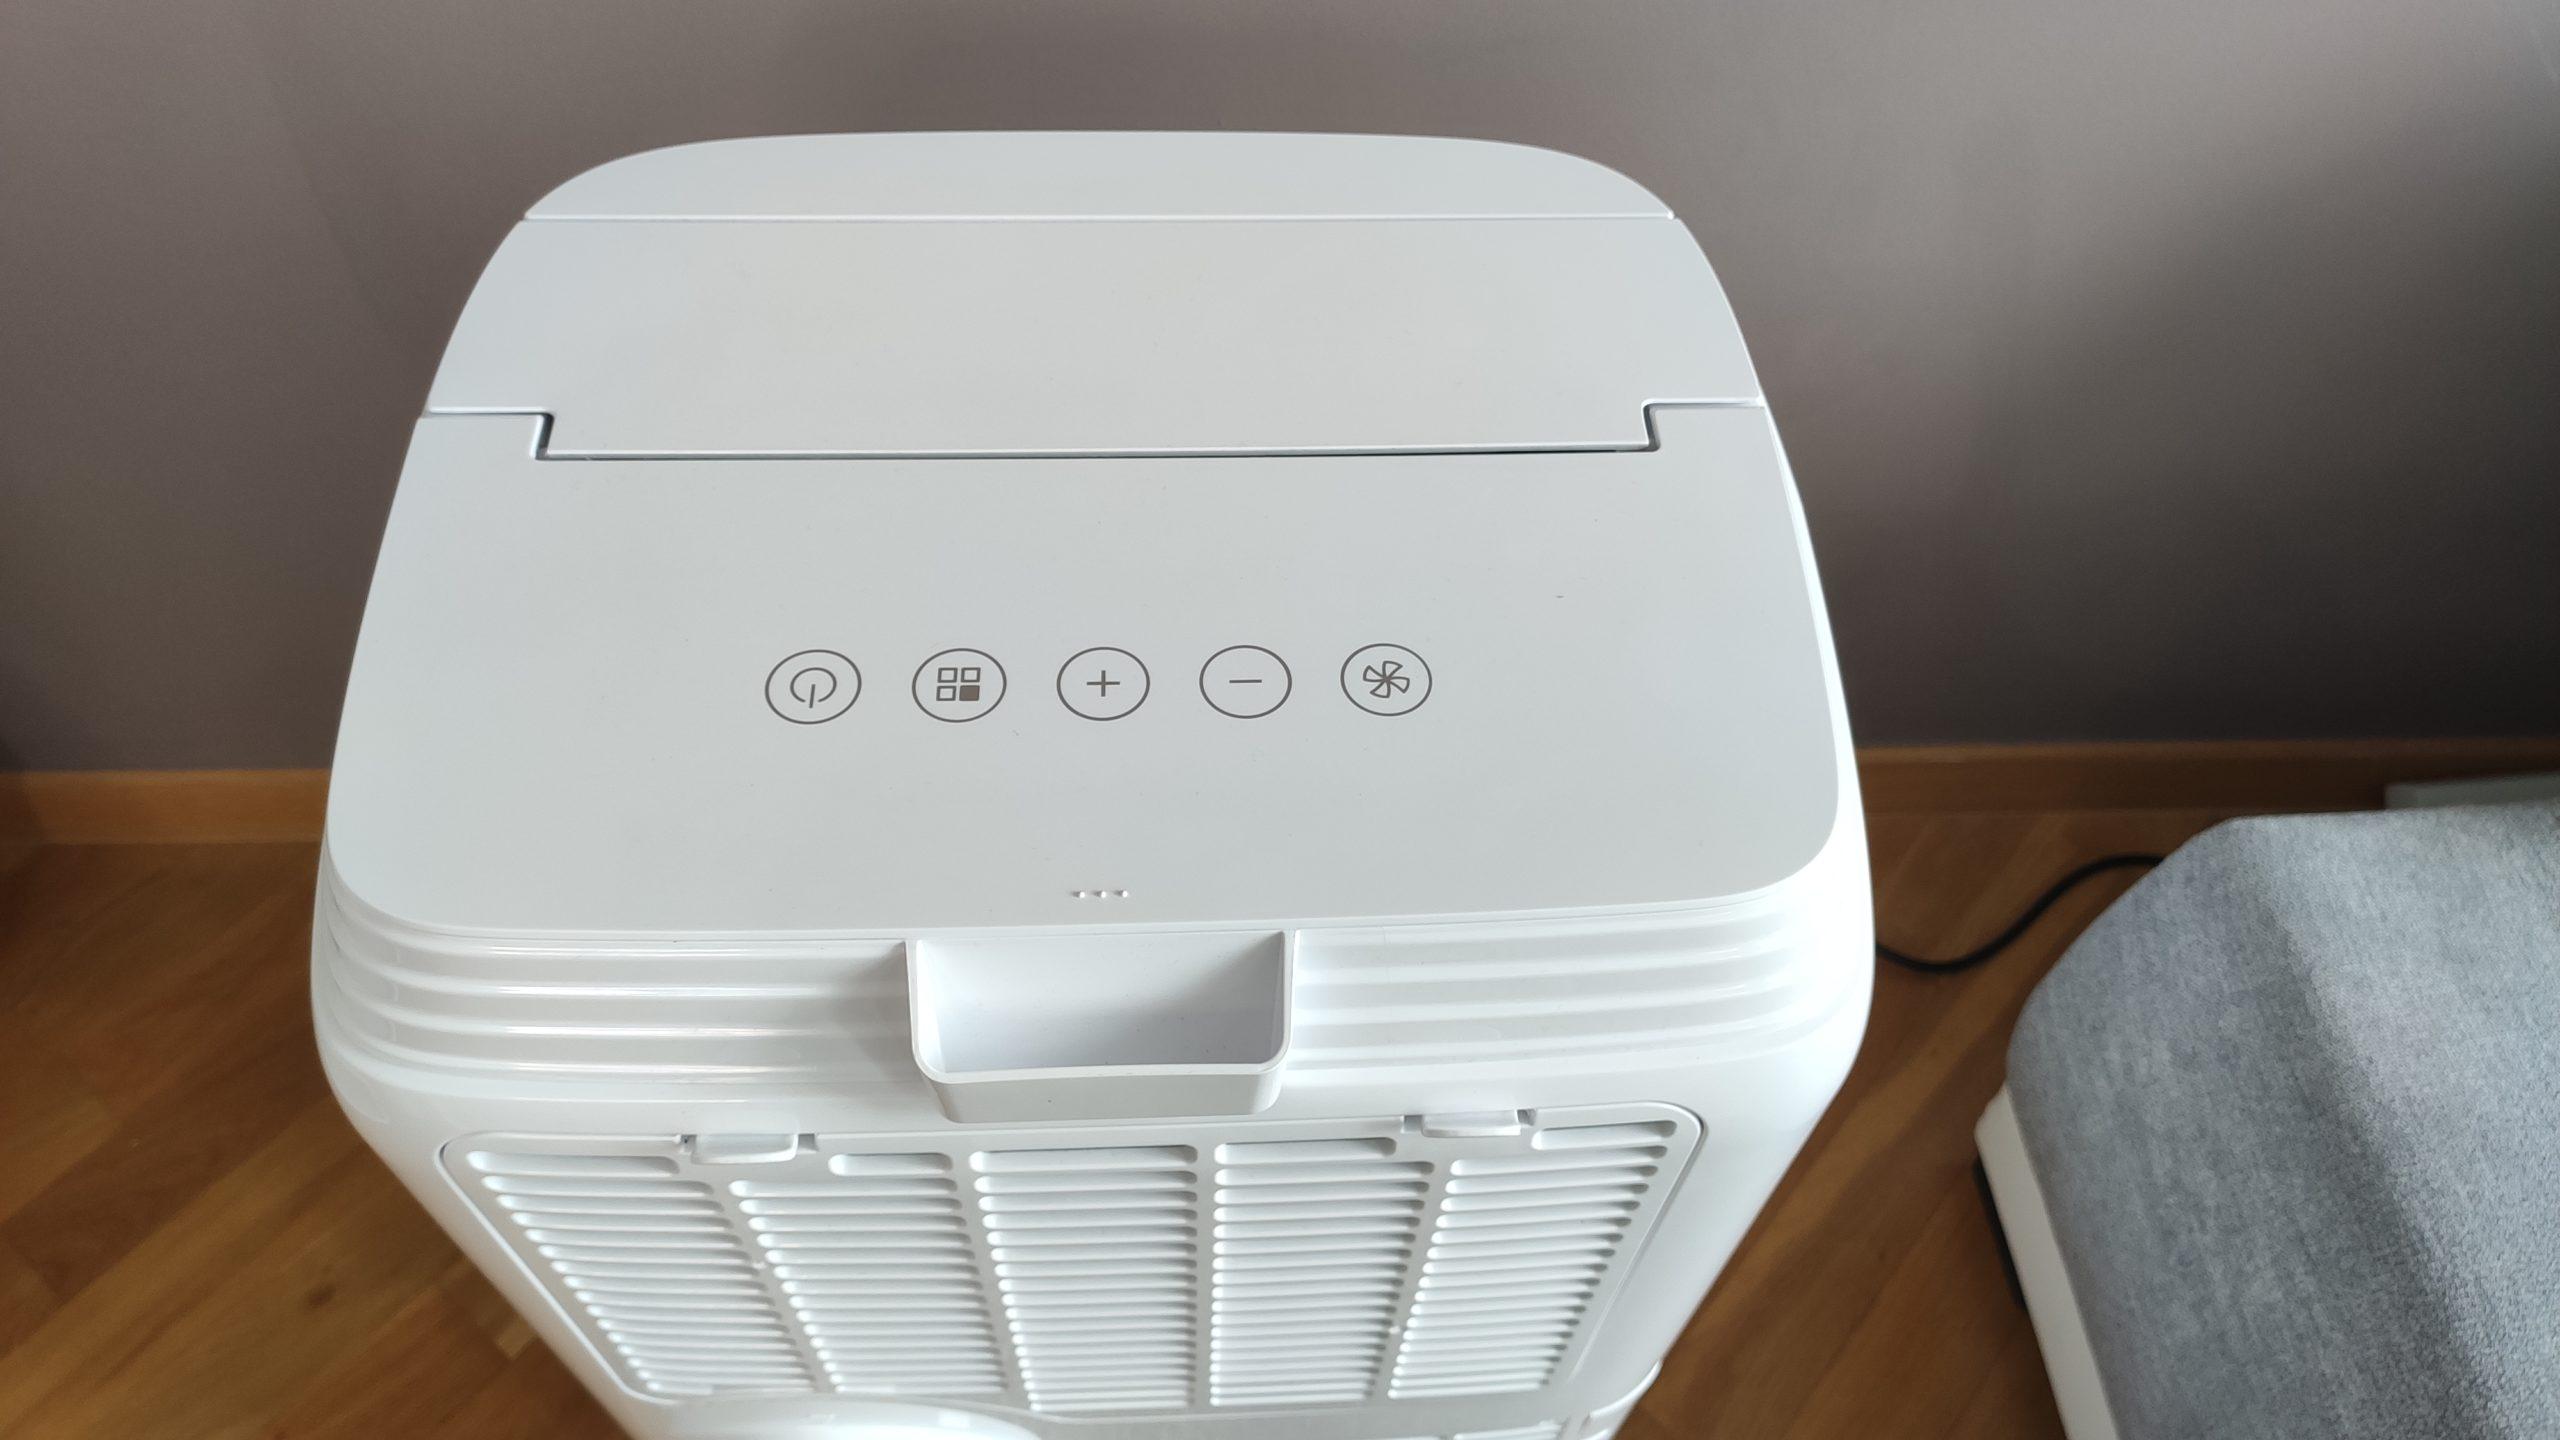 Klimatyzator przenośny Blaupunkt MB S 1111 E panel sterowania